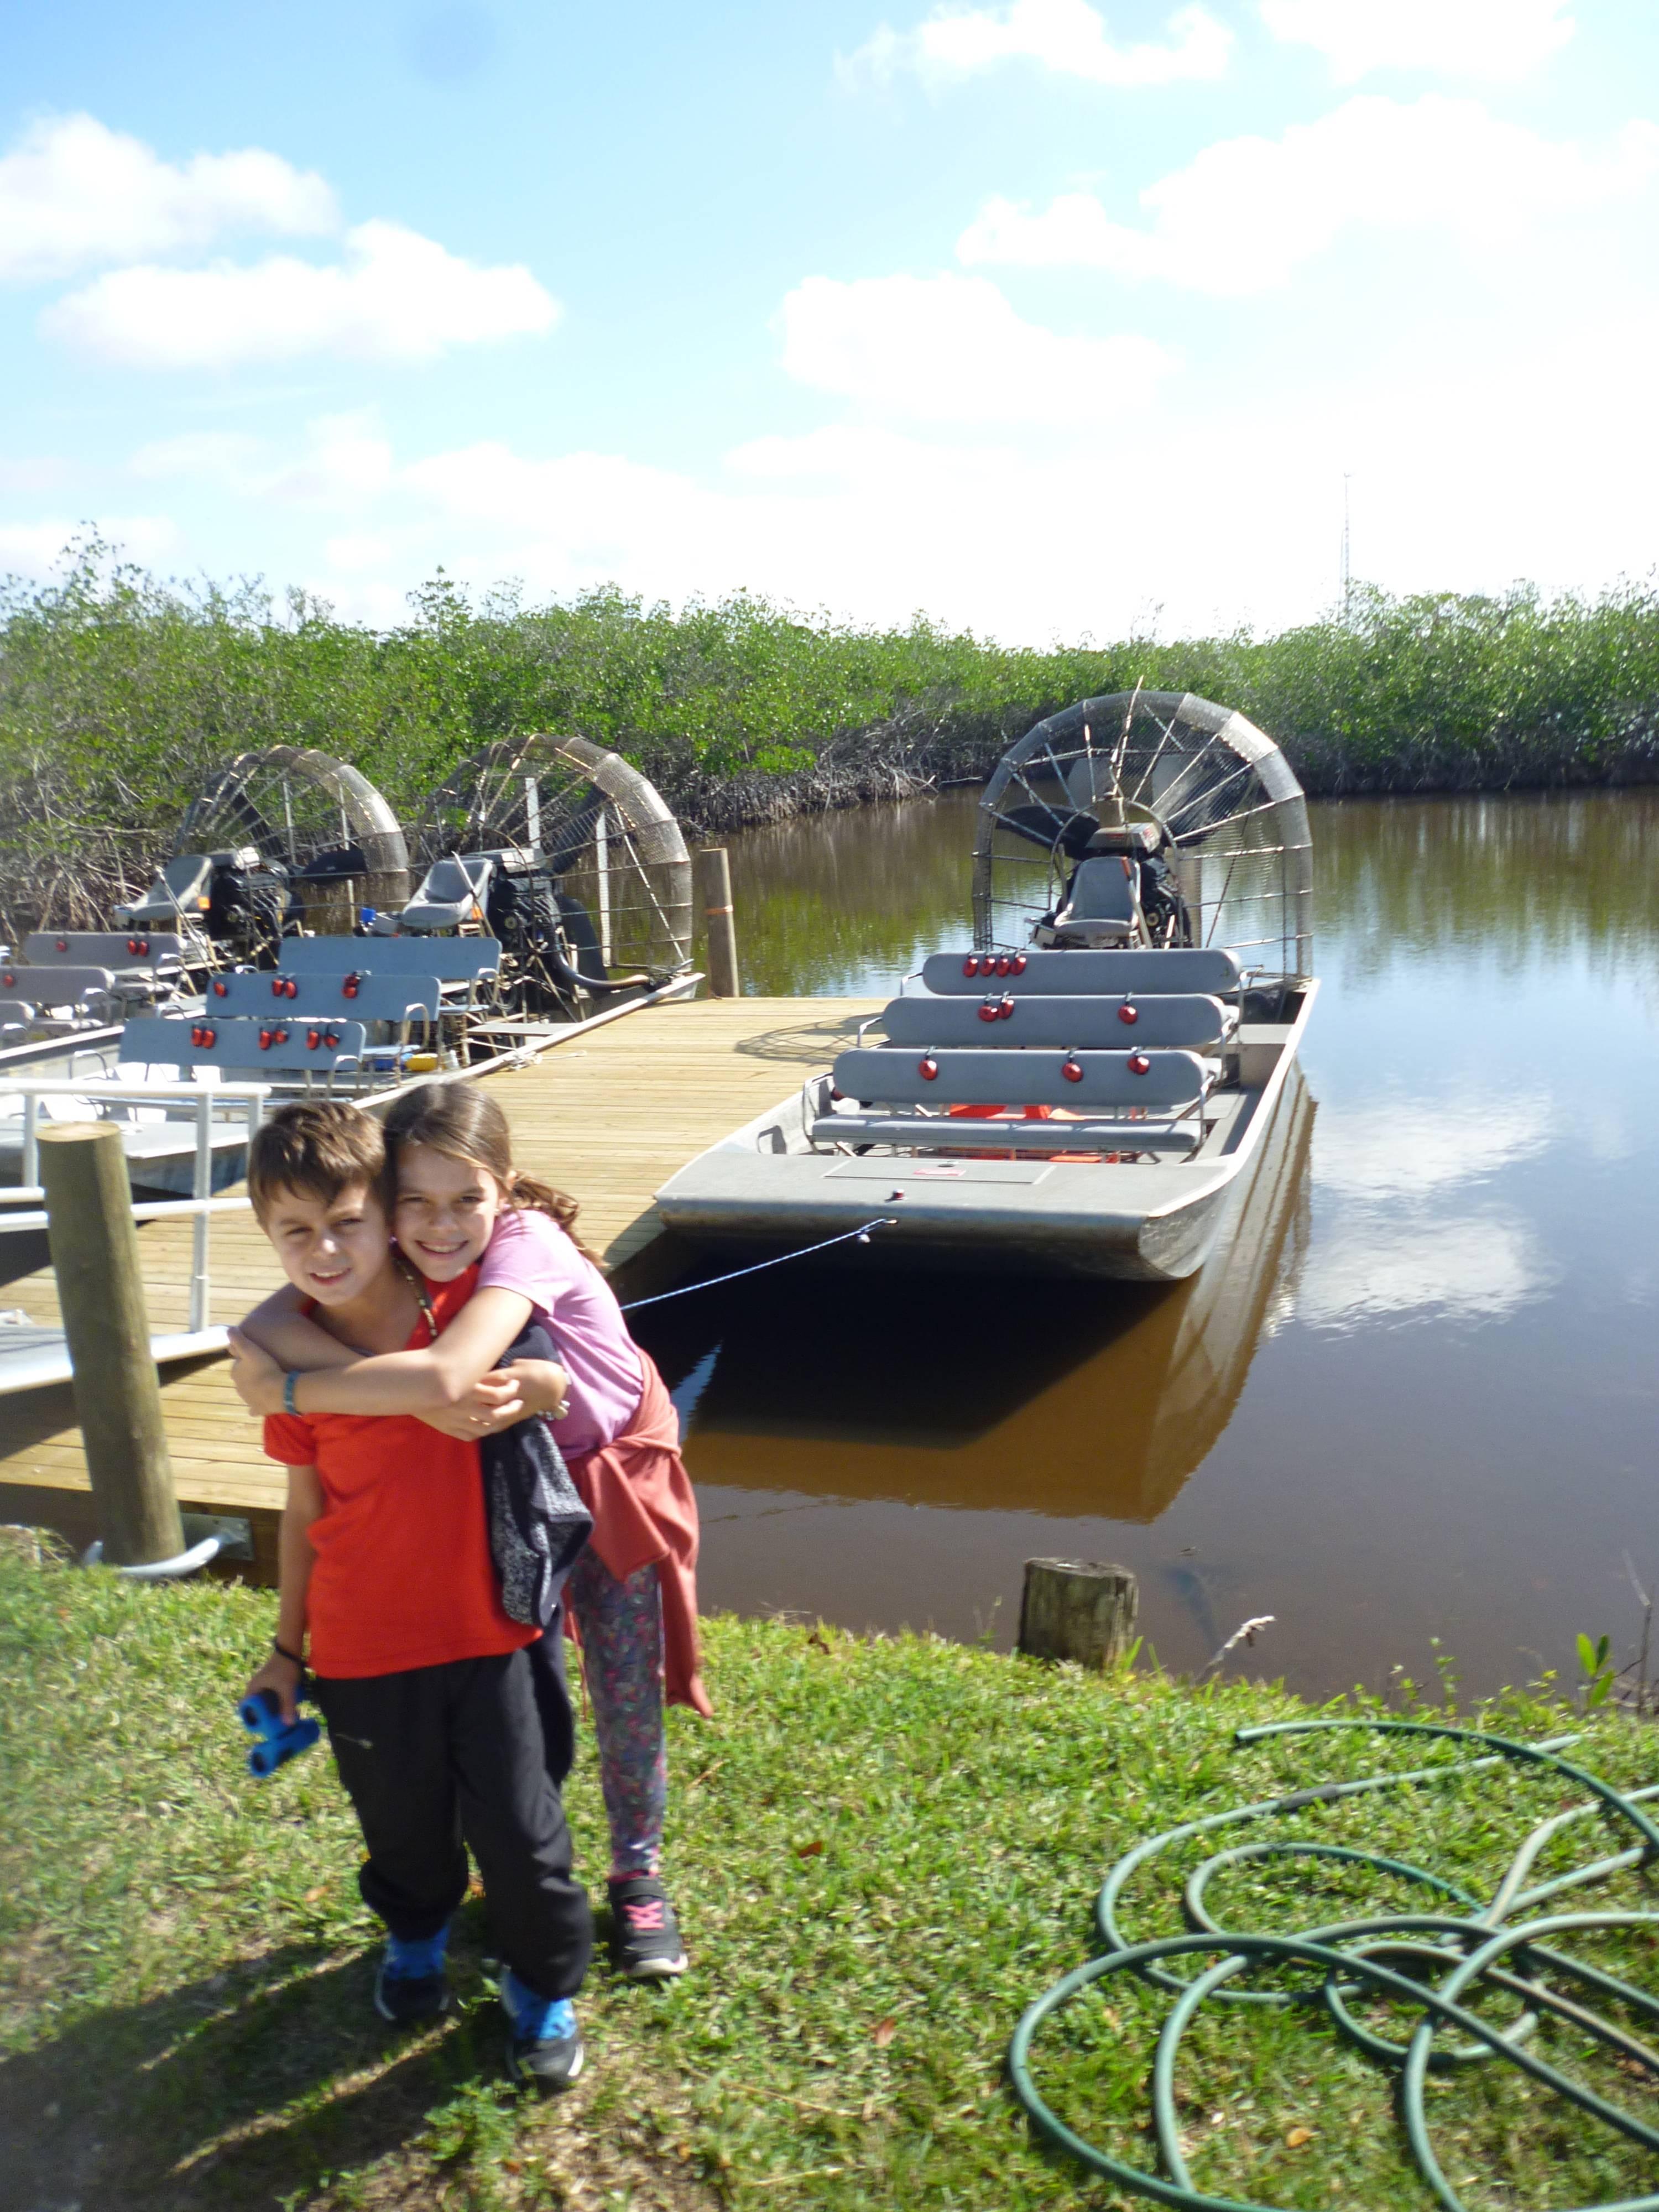 Photo 1: Une balade hors du temps dans les marécages des Everglades en Floride